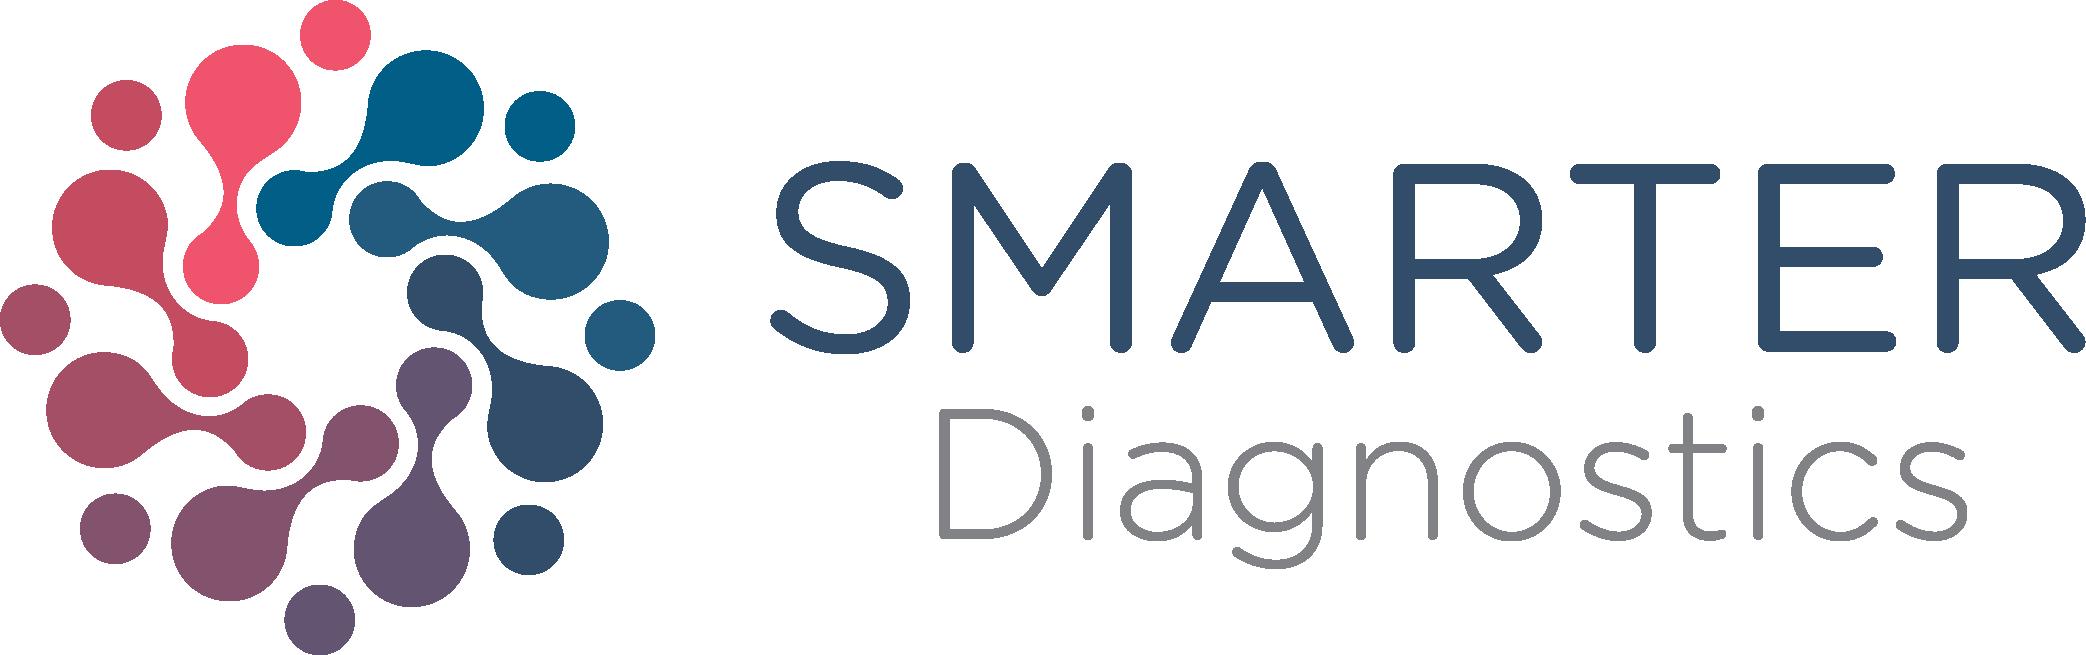 Smarter Diagnostics_startup_Carolina Medical Center